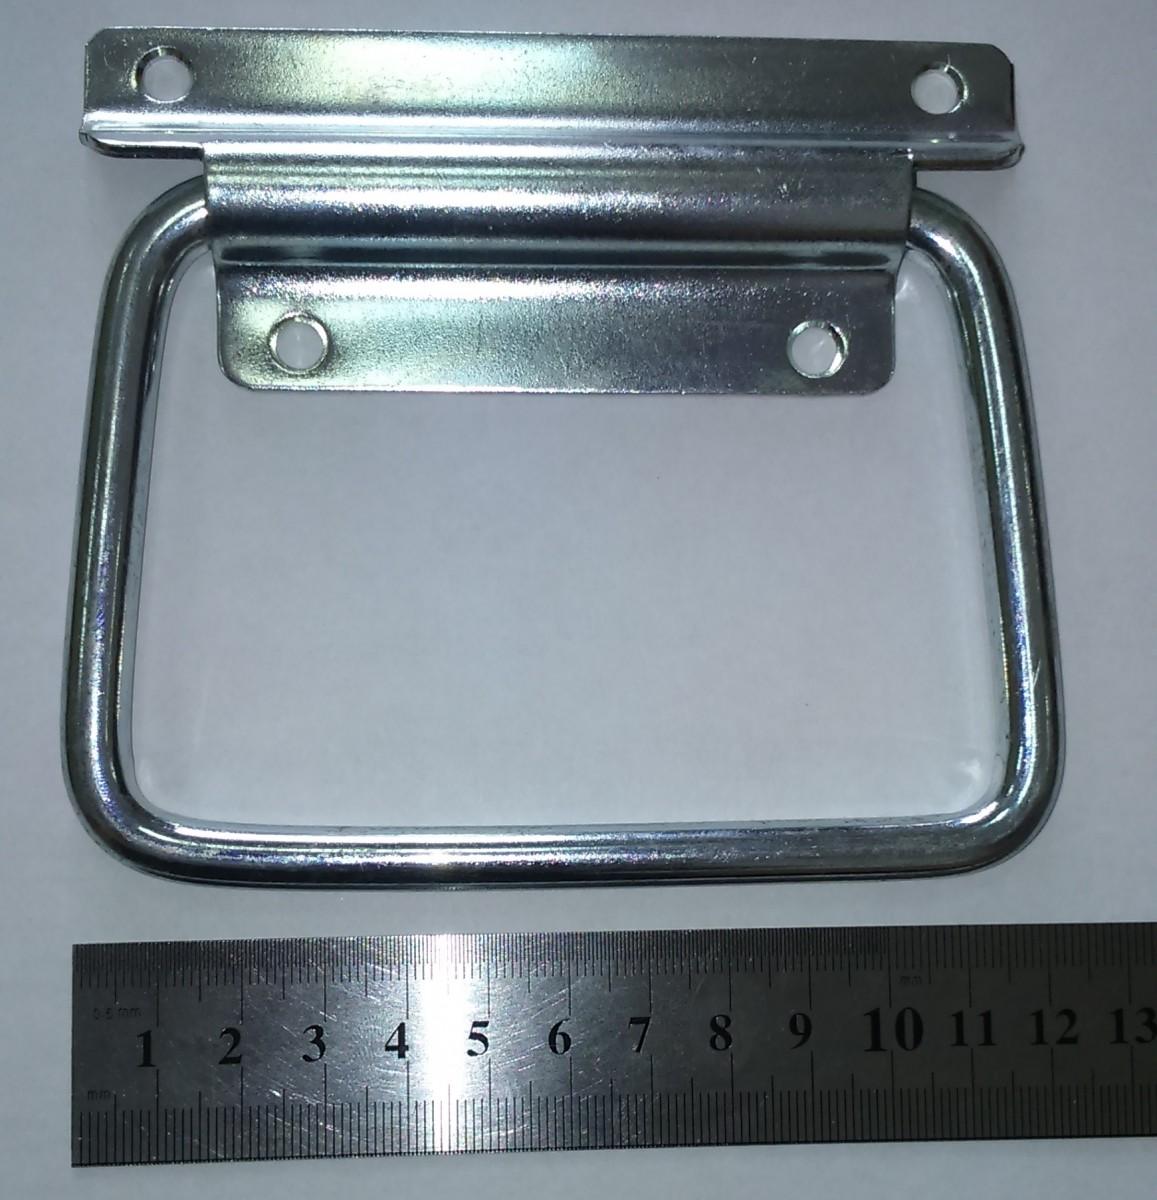 Ручка ульевая 8 мм с увеличенным кольцом